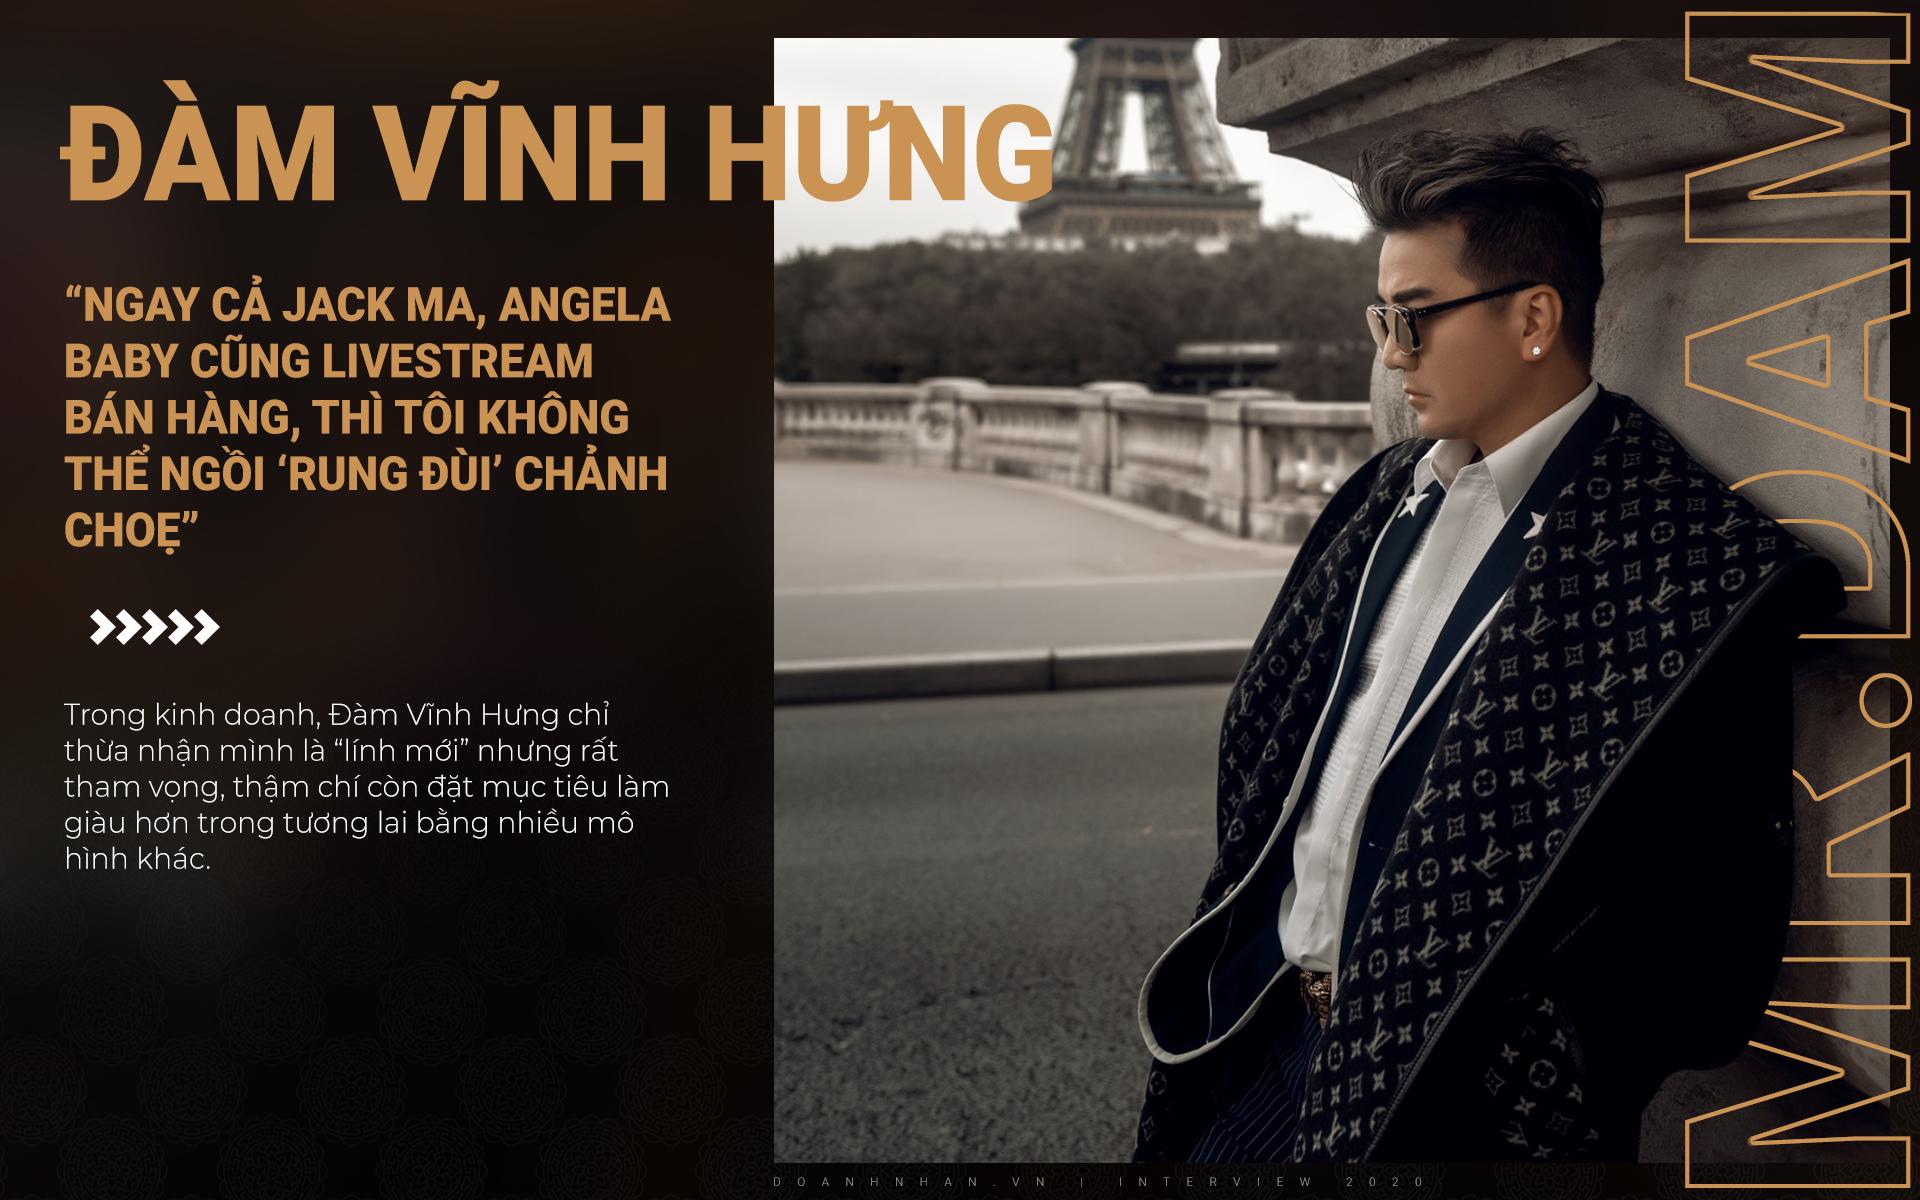 """Đàm Vĩnh Hưng: """"Ngay cả Jack Ma, Angela Baby cũng livestream bán hàng, thì tôi không thể ngồi 'rung đùi' chảnh choẹ"""" - Ảnh 1"""